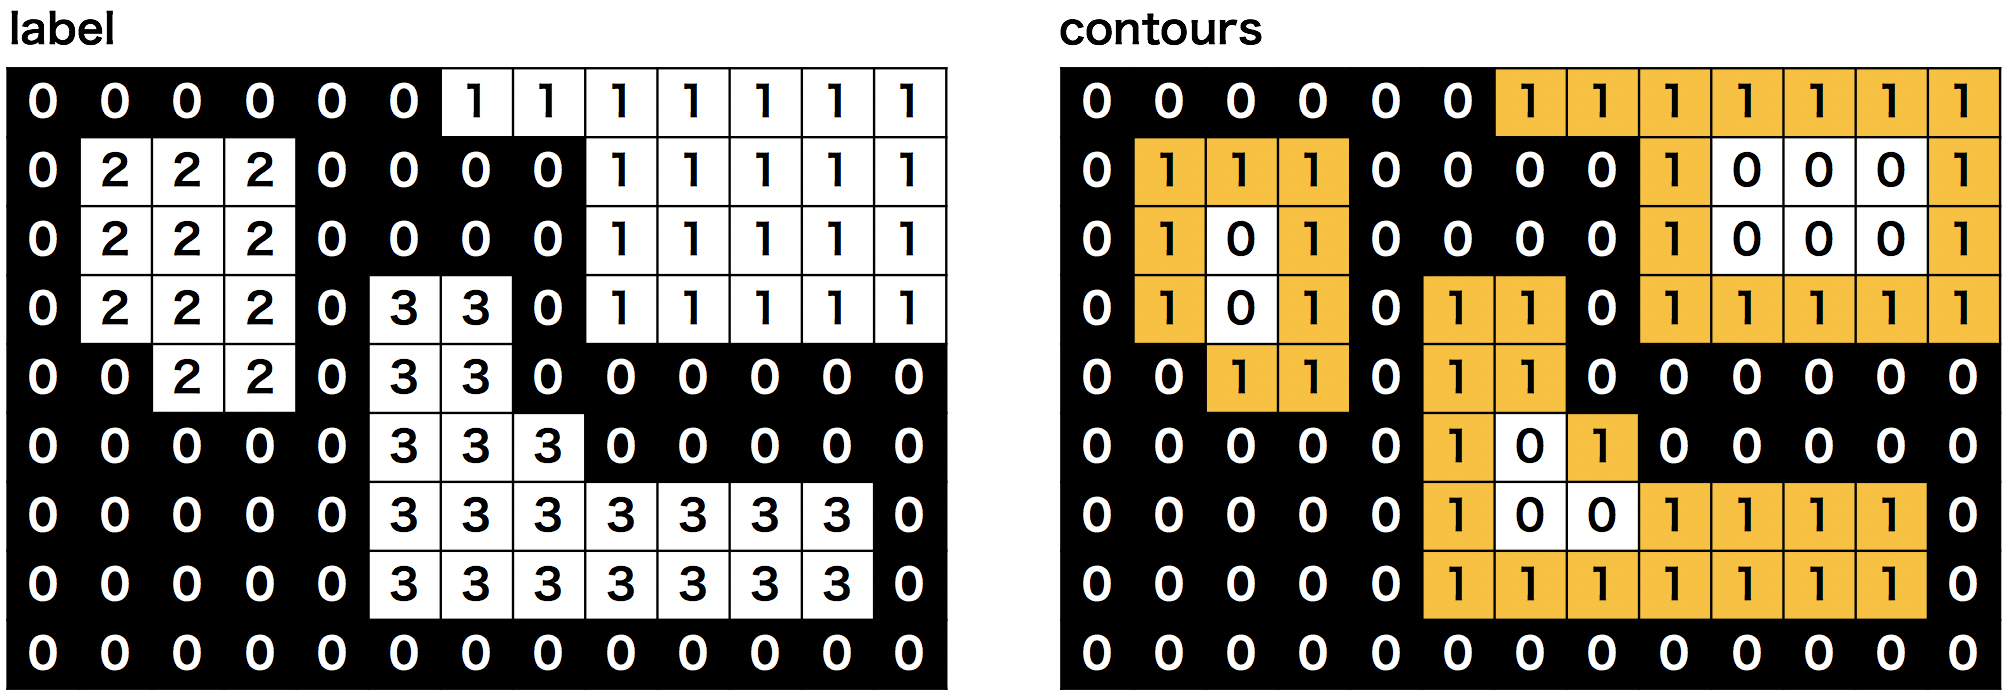 オブジェクト輪郭検出   OpenCV / findContours を使用して画像中の